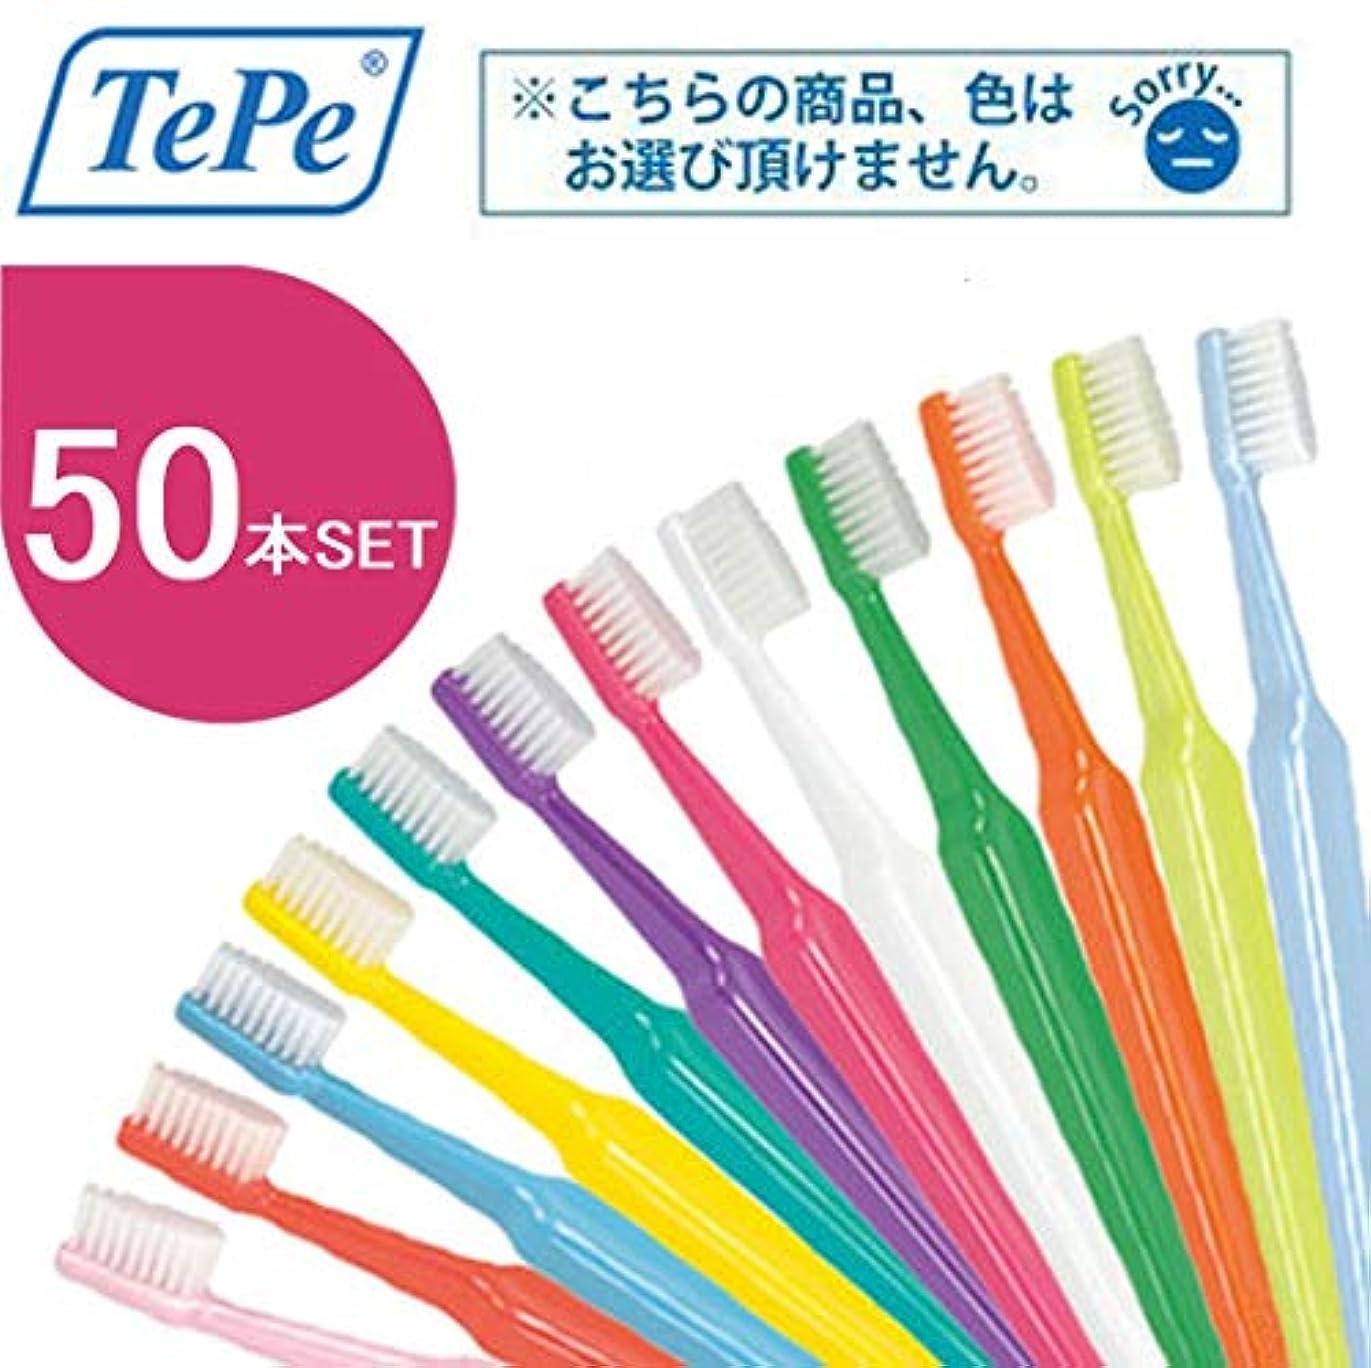 規制するちょうつがい月曜日クロスフィールド TePe テペ セレクト 歯ブラシ 50本 (エクストラソフト)